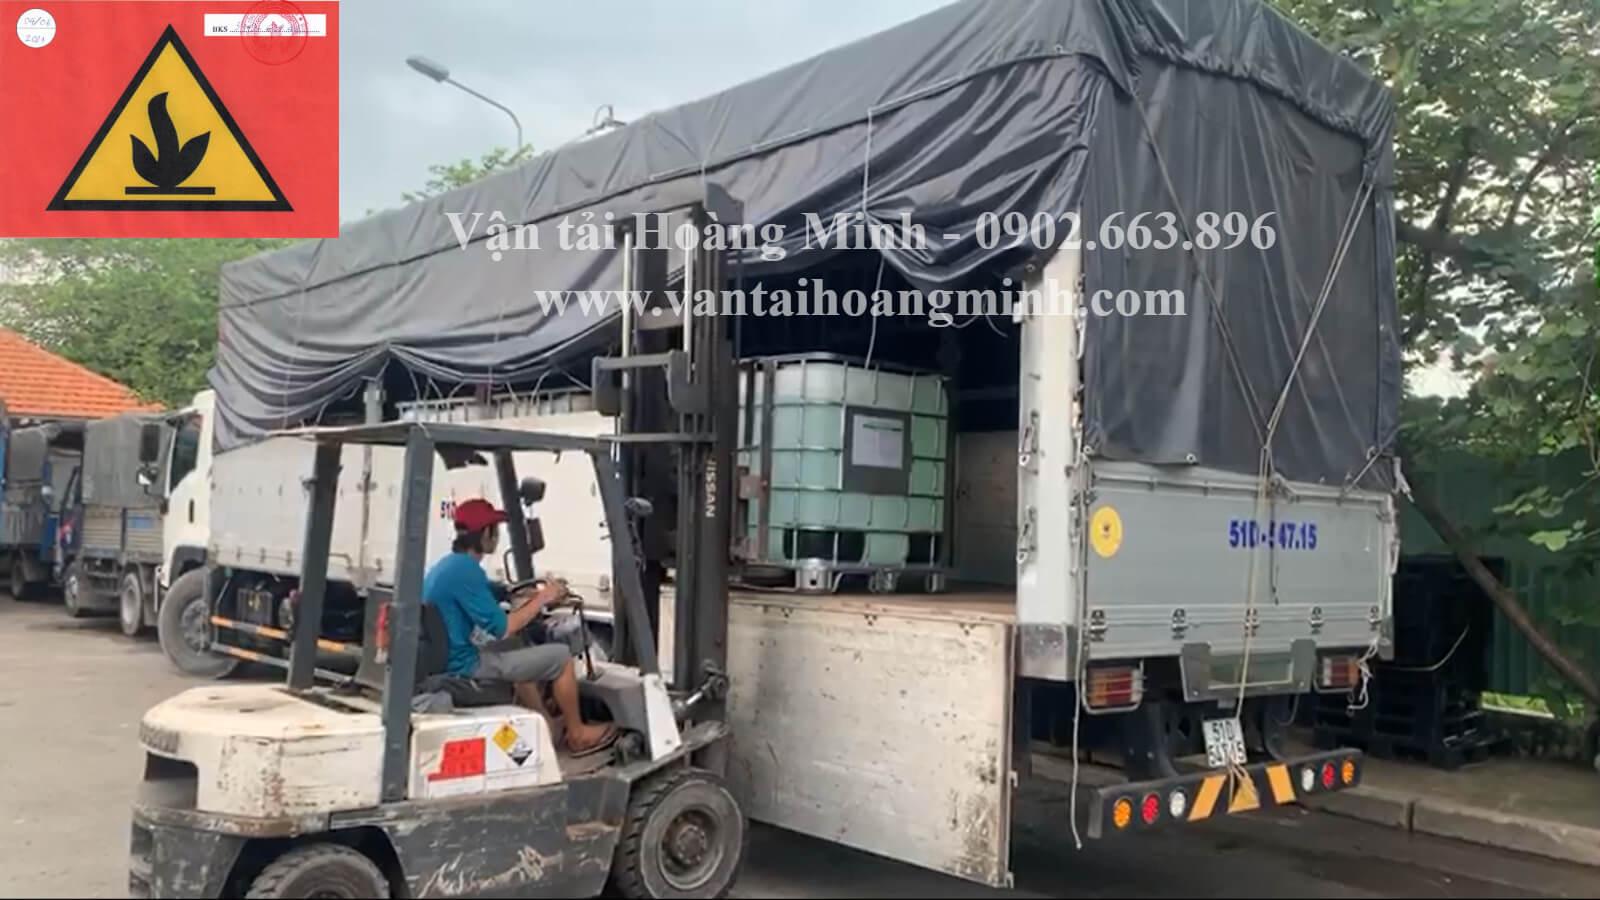 Dịch vụ vận chuyển hoá chất hàng nguy hiểm bằng xe tải